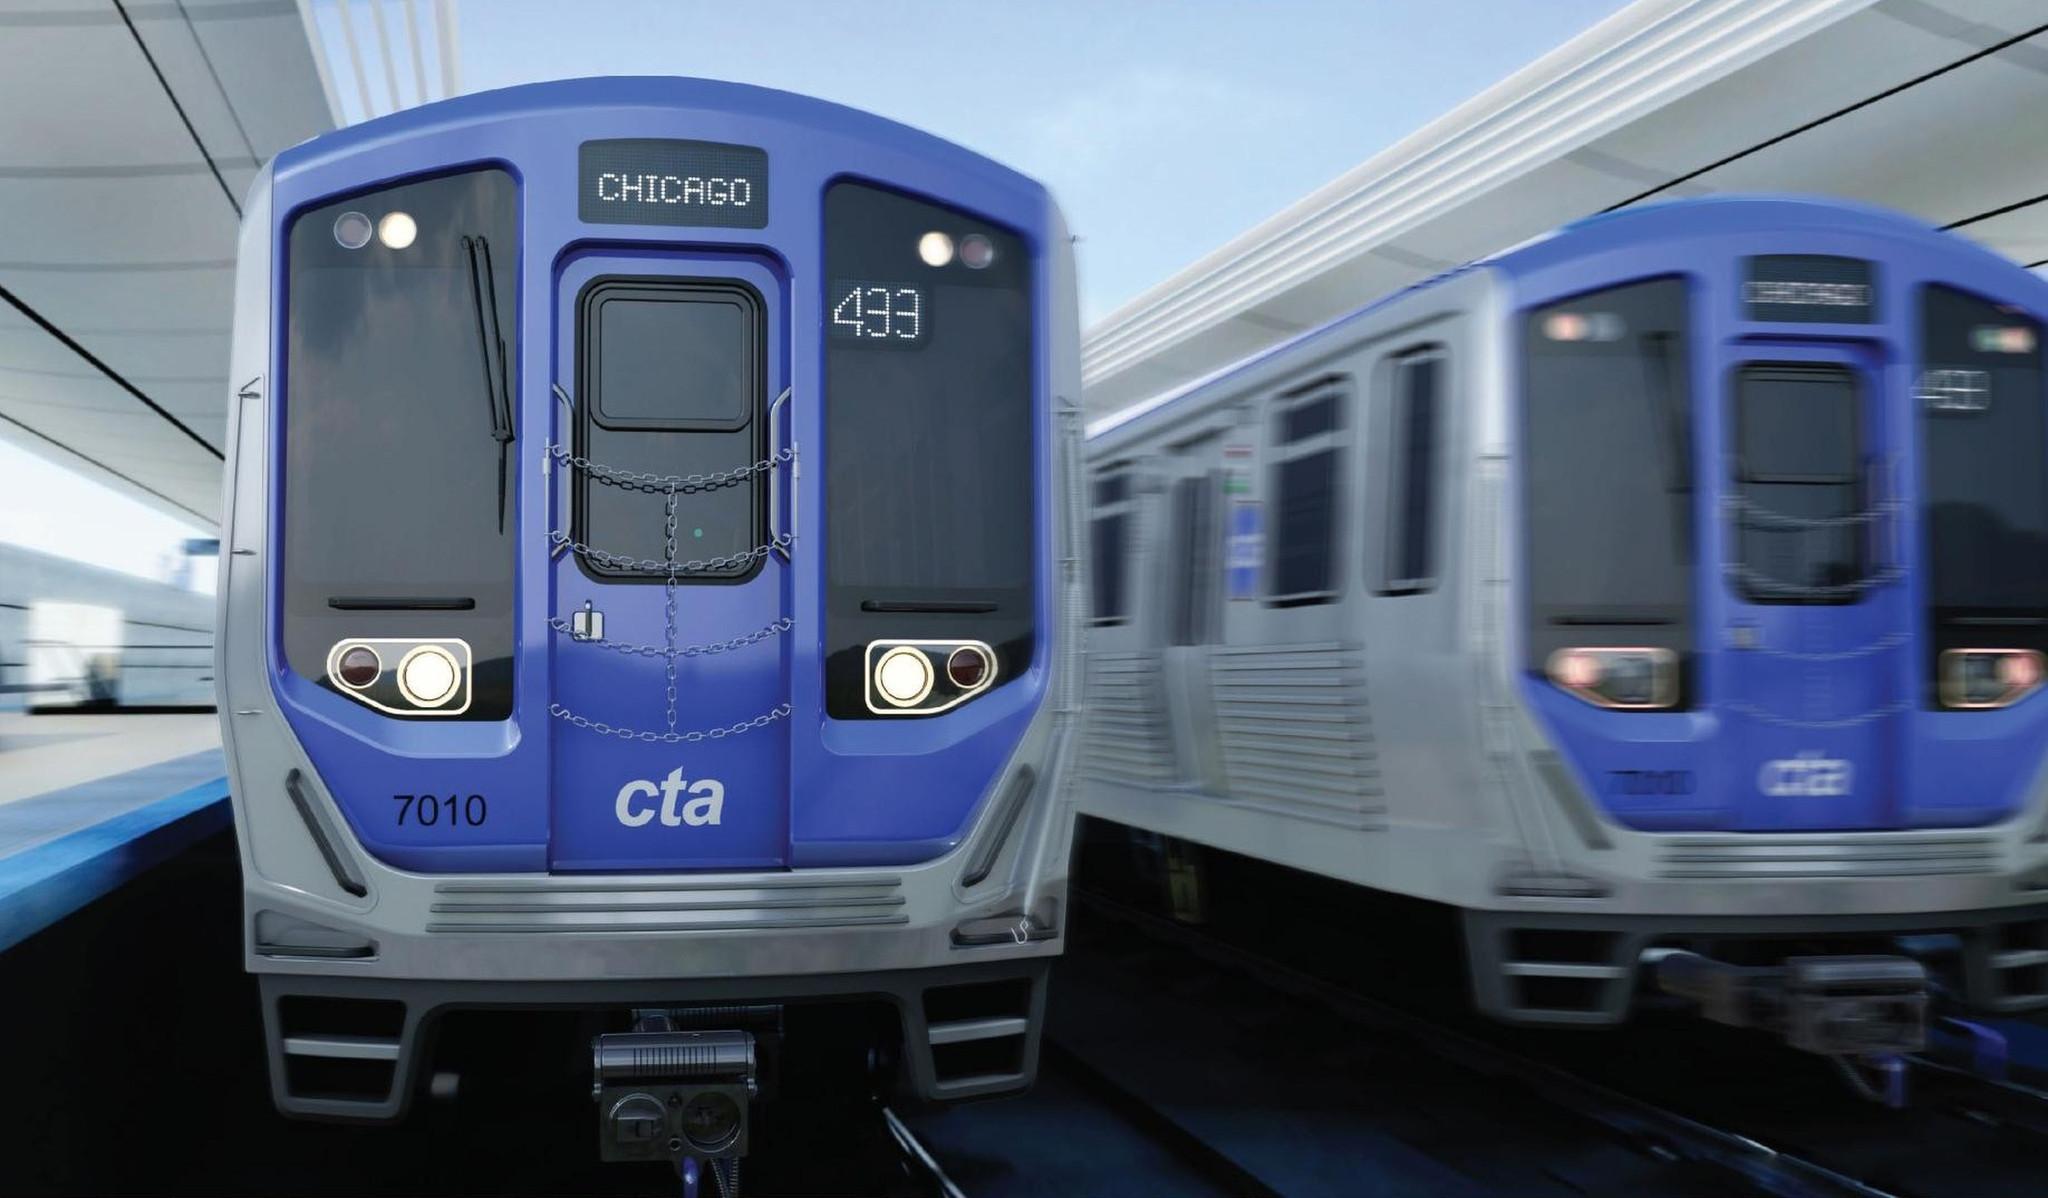 New Cta Contract L Cars